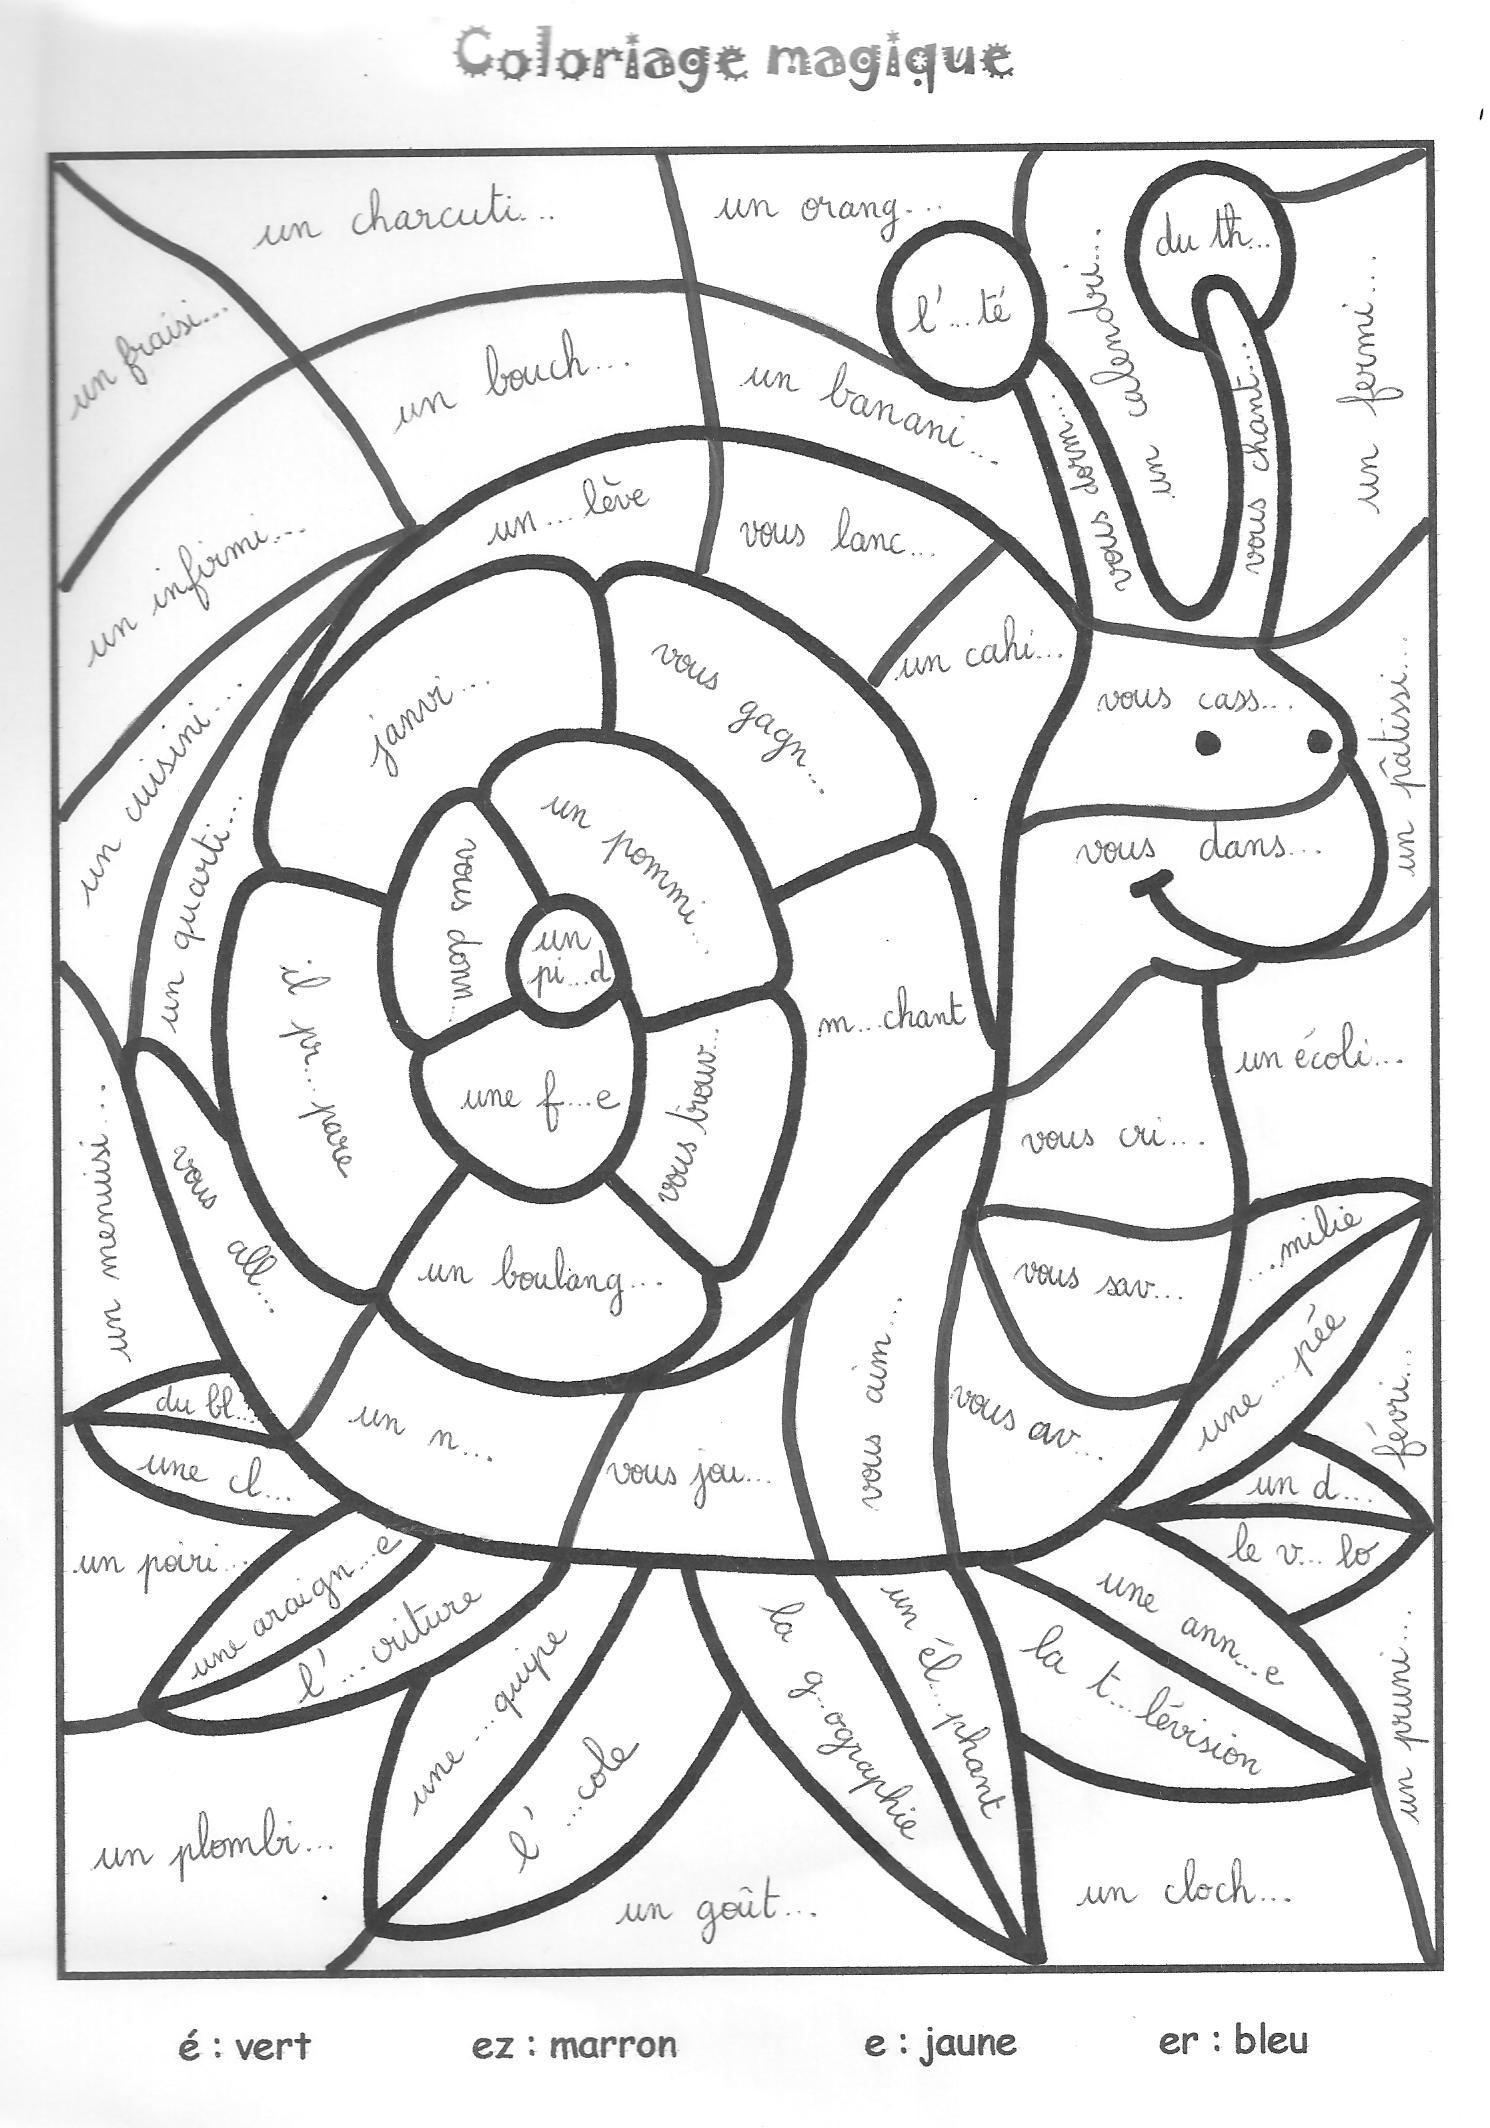 Hugo L Escargot Coloriage Mandala   Primanyc dedans Hugo L Escargot Coloriage Mandala